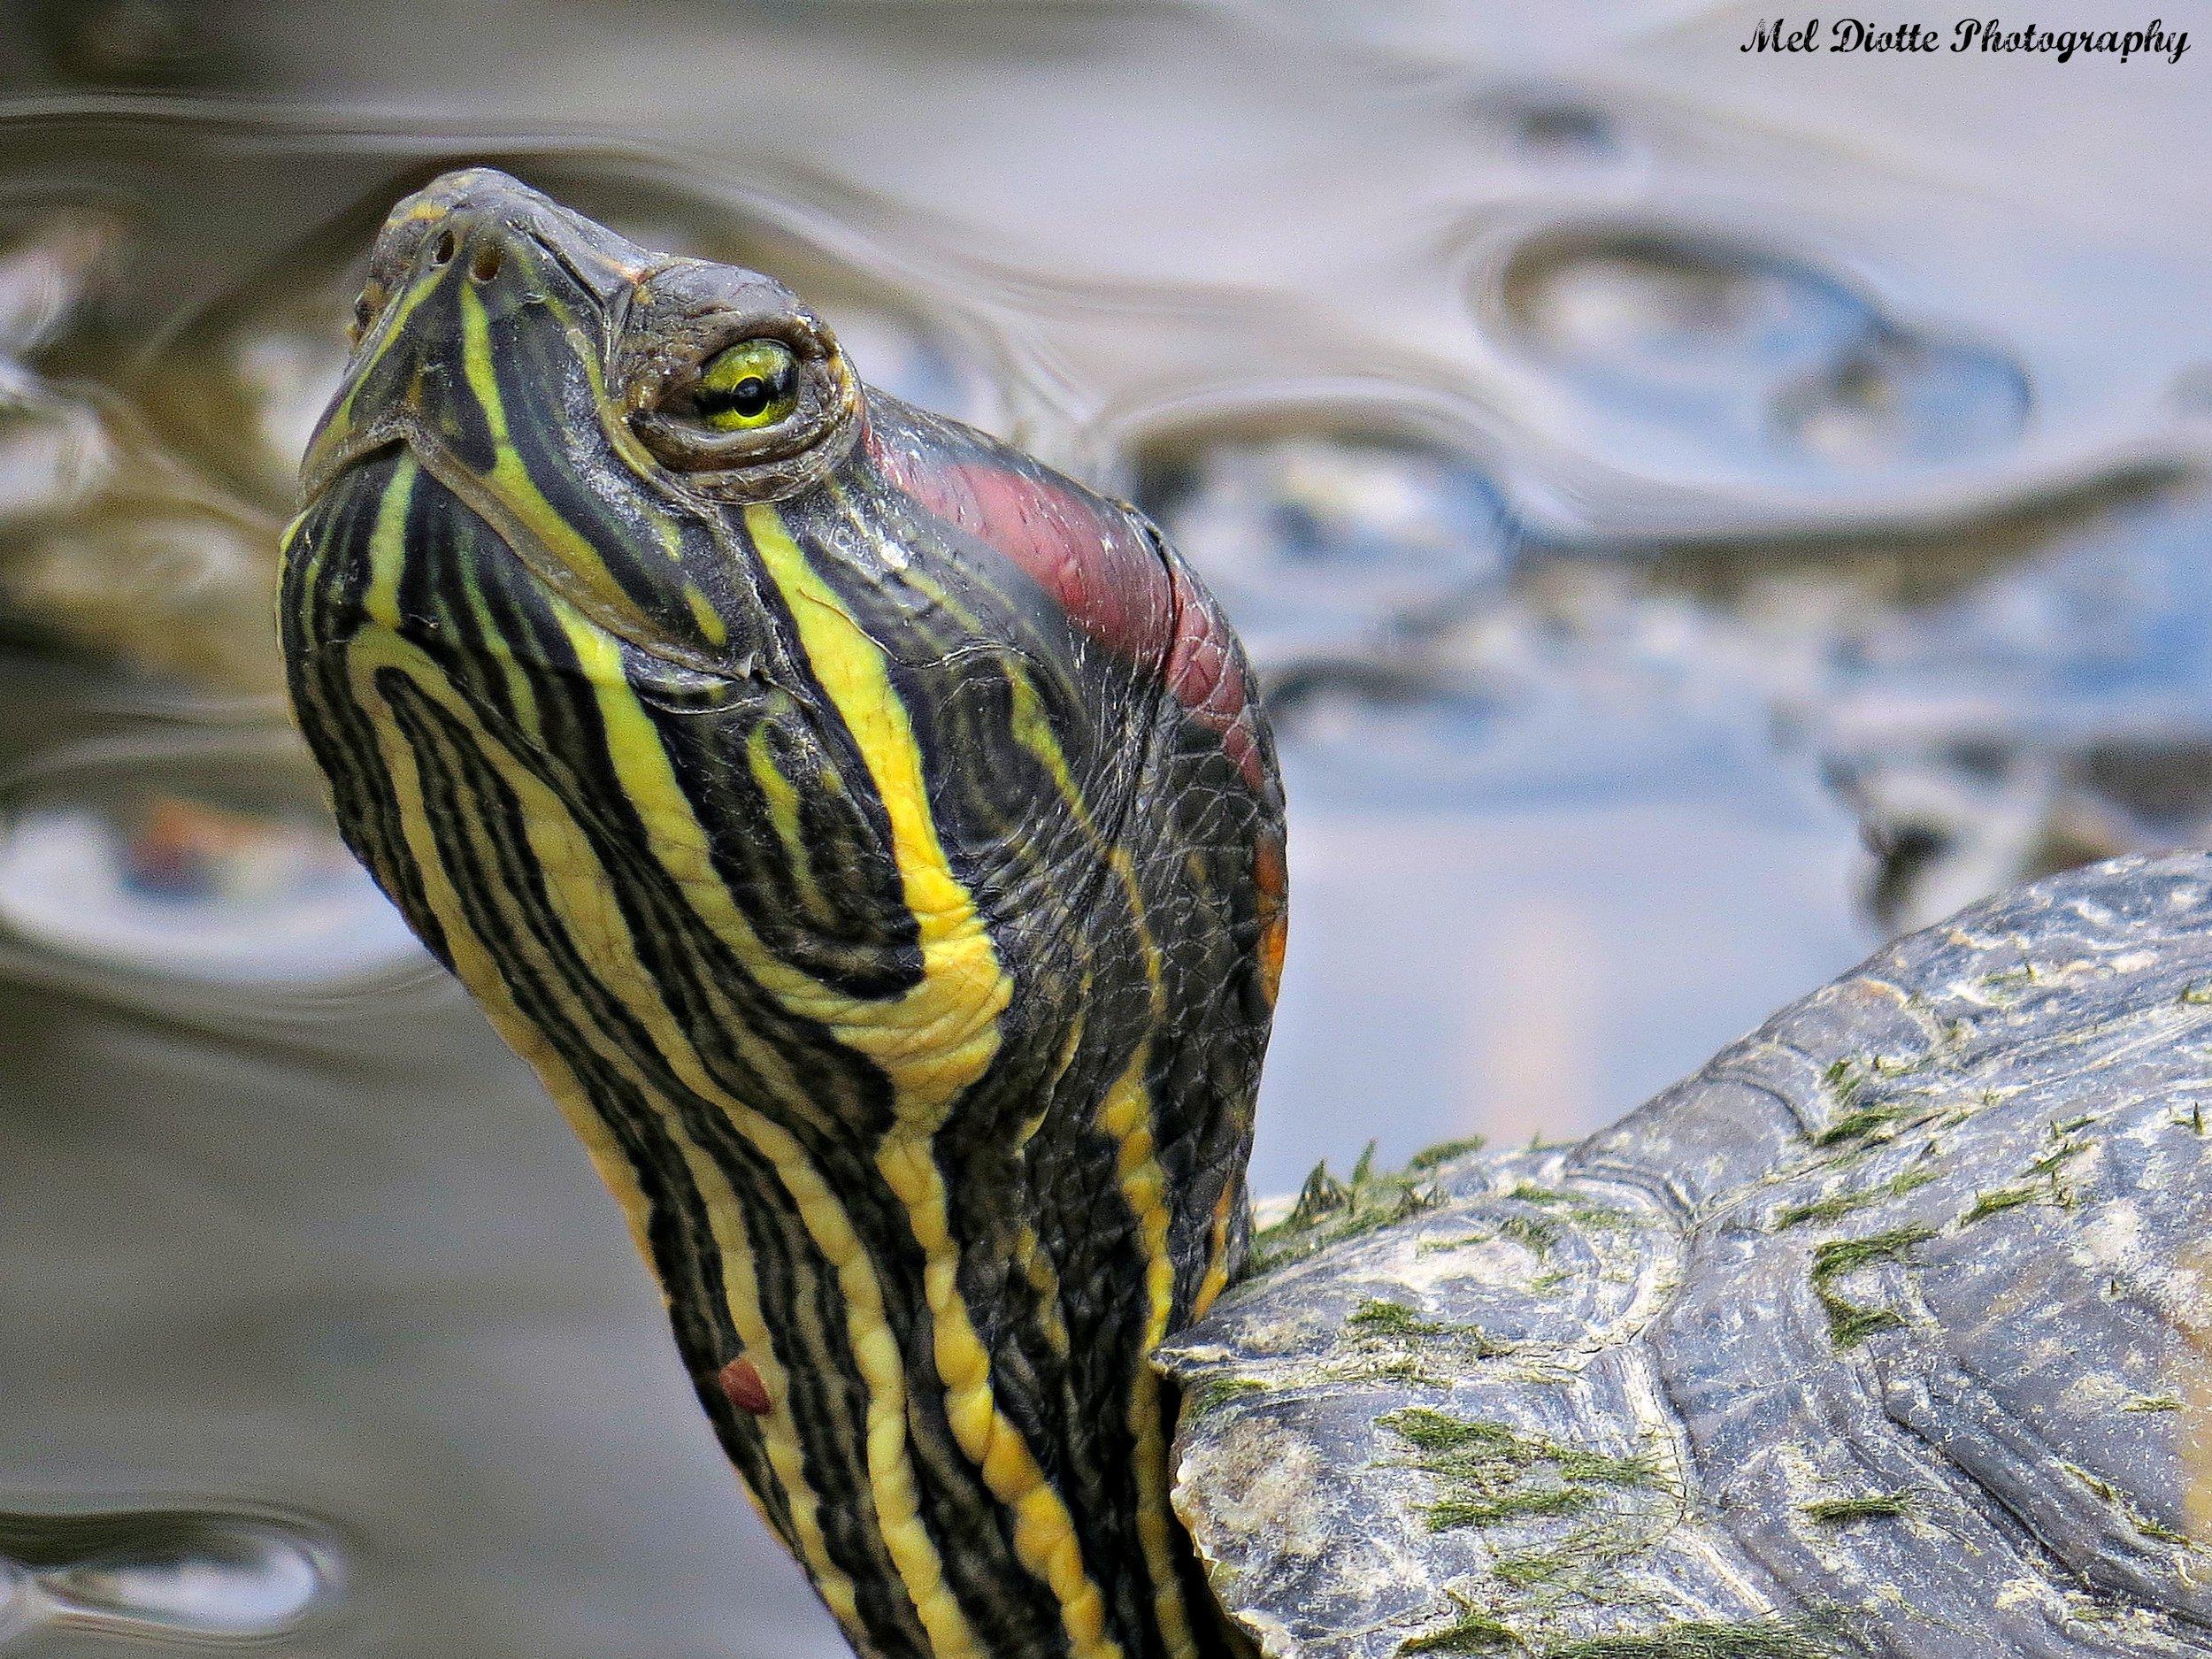 turtlec.jpg